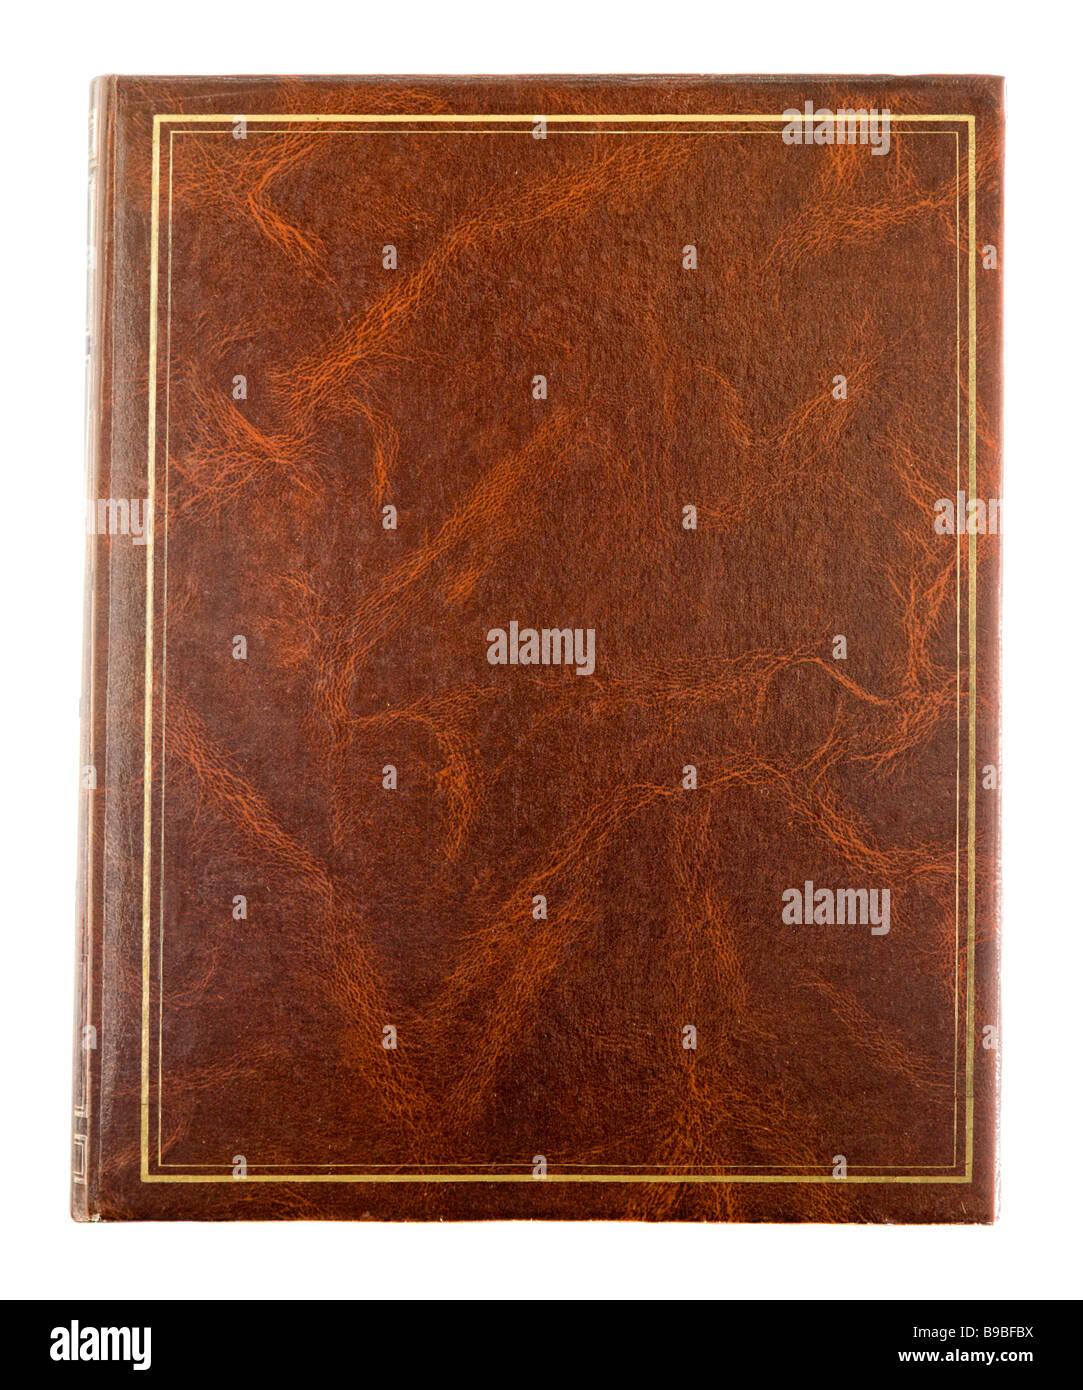 Copertina di libro Immagini Stock